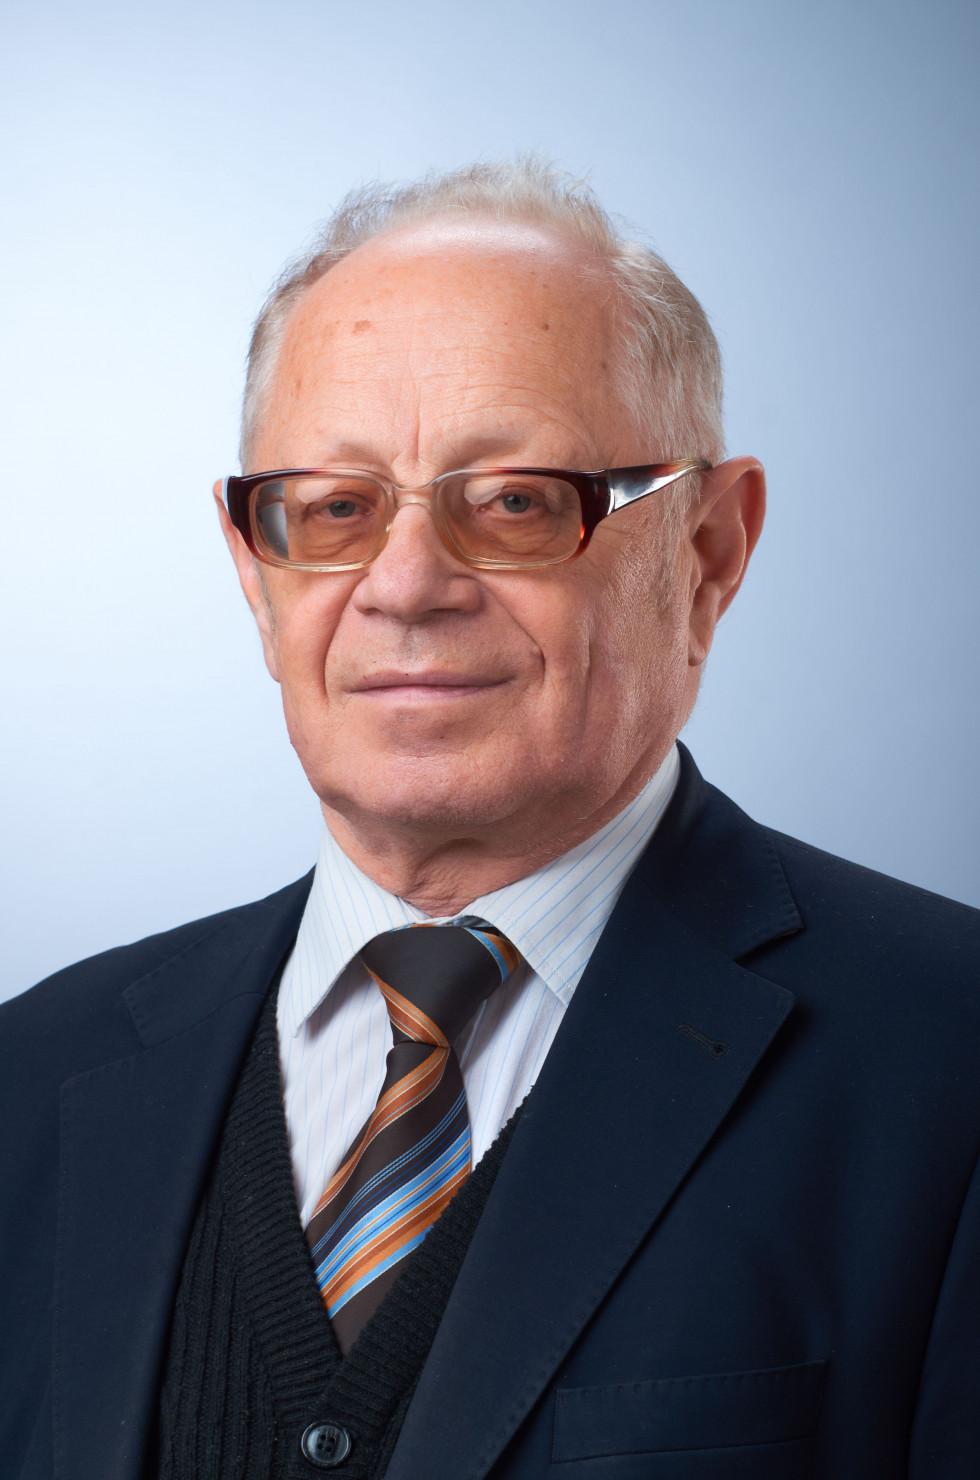 Геннадій Бондаренко, завідувач кафедри документознавства і музейної справи СНУ імені Лесі Українки.